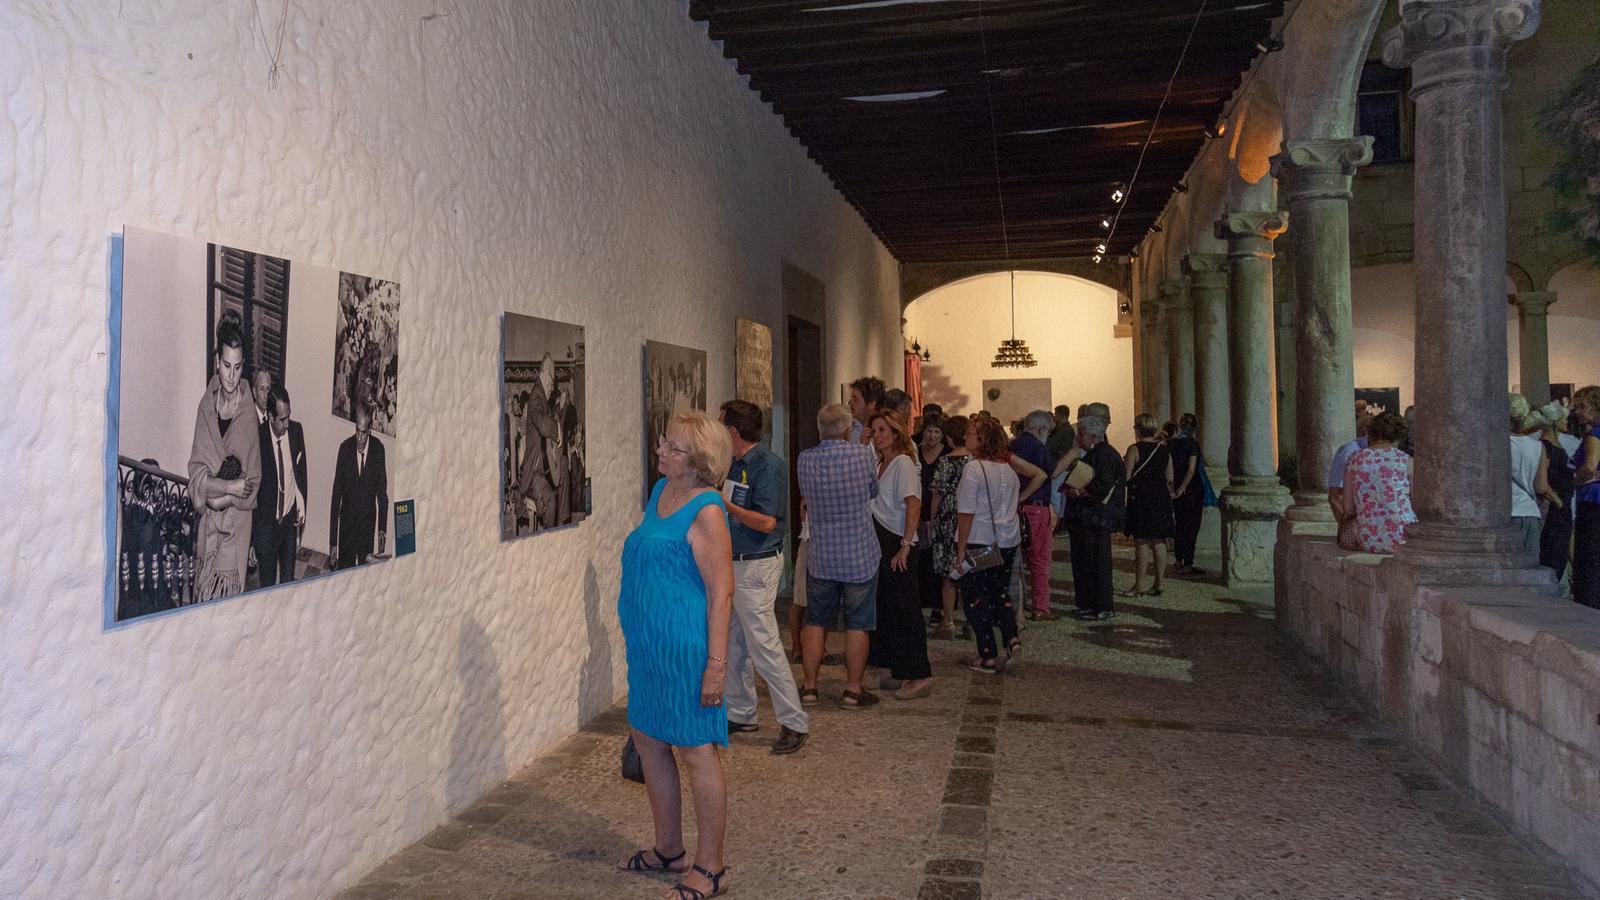 La mostra es pot visitar tots els dies, menys els dissabtes, fins a finals d'agost.